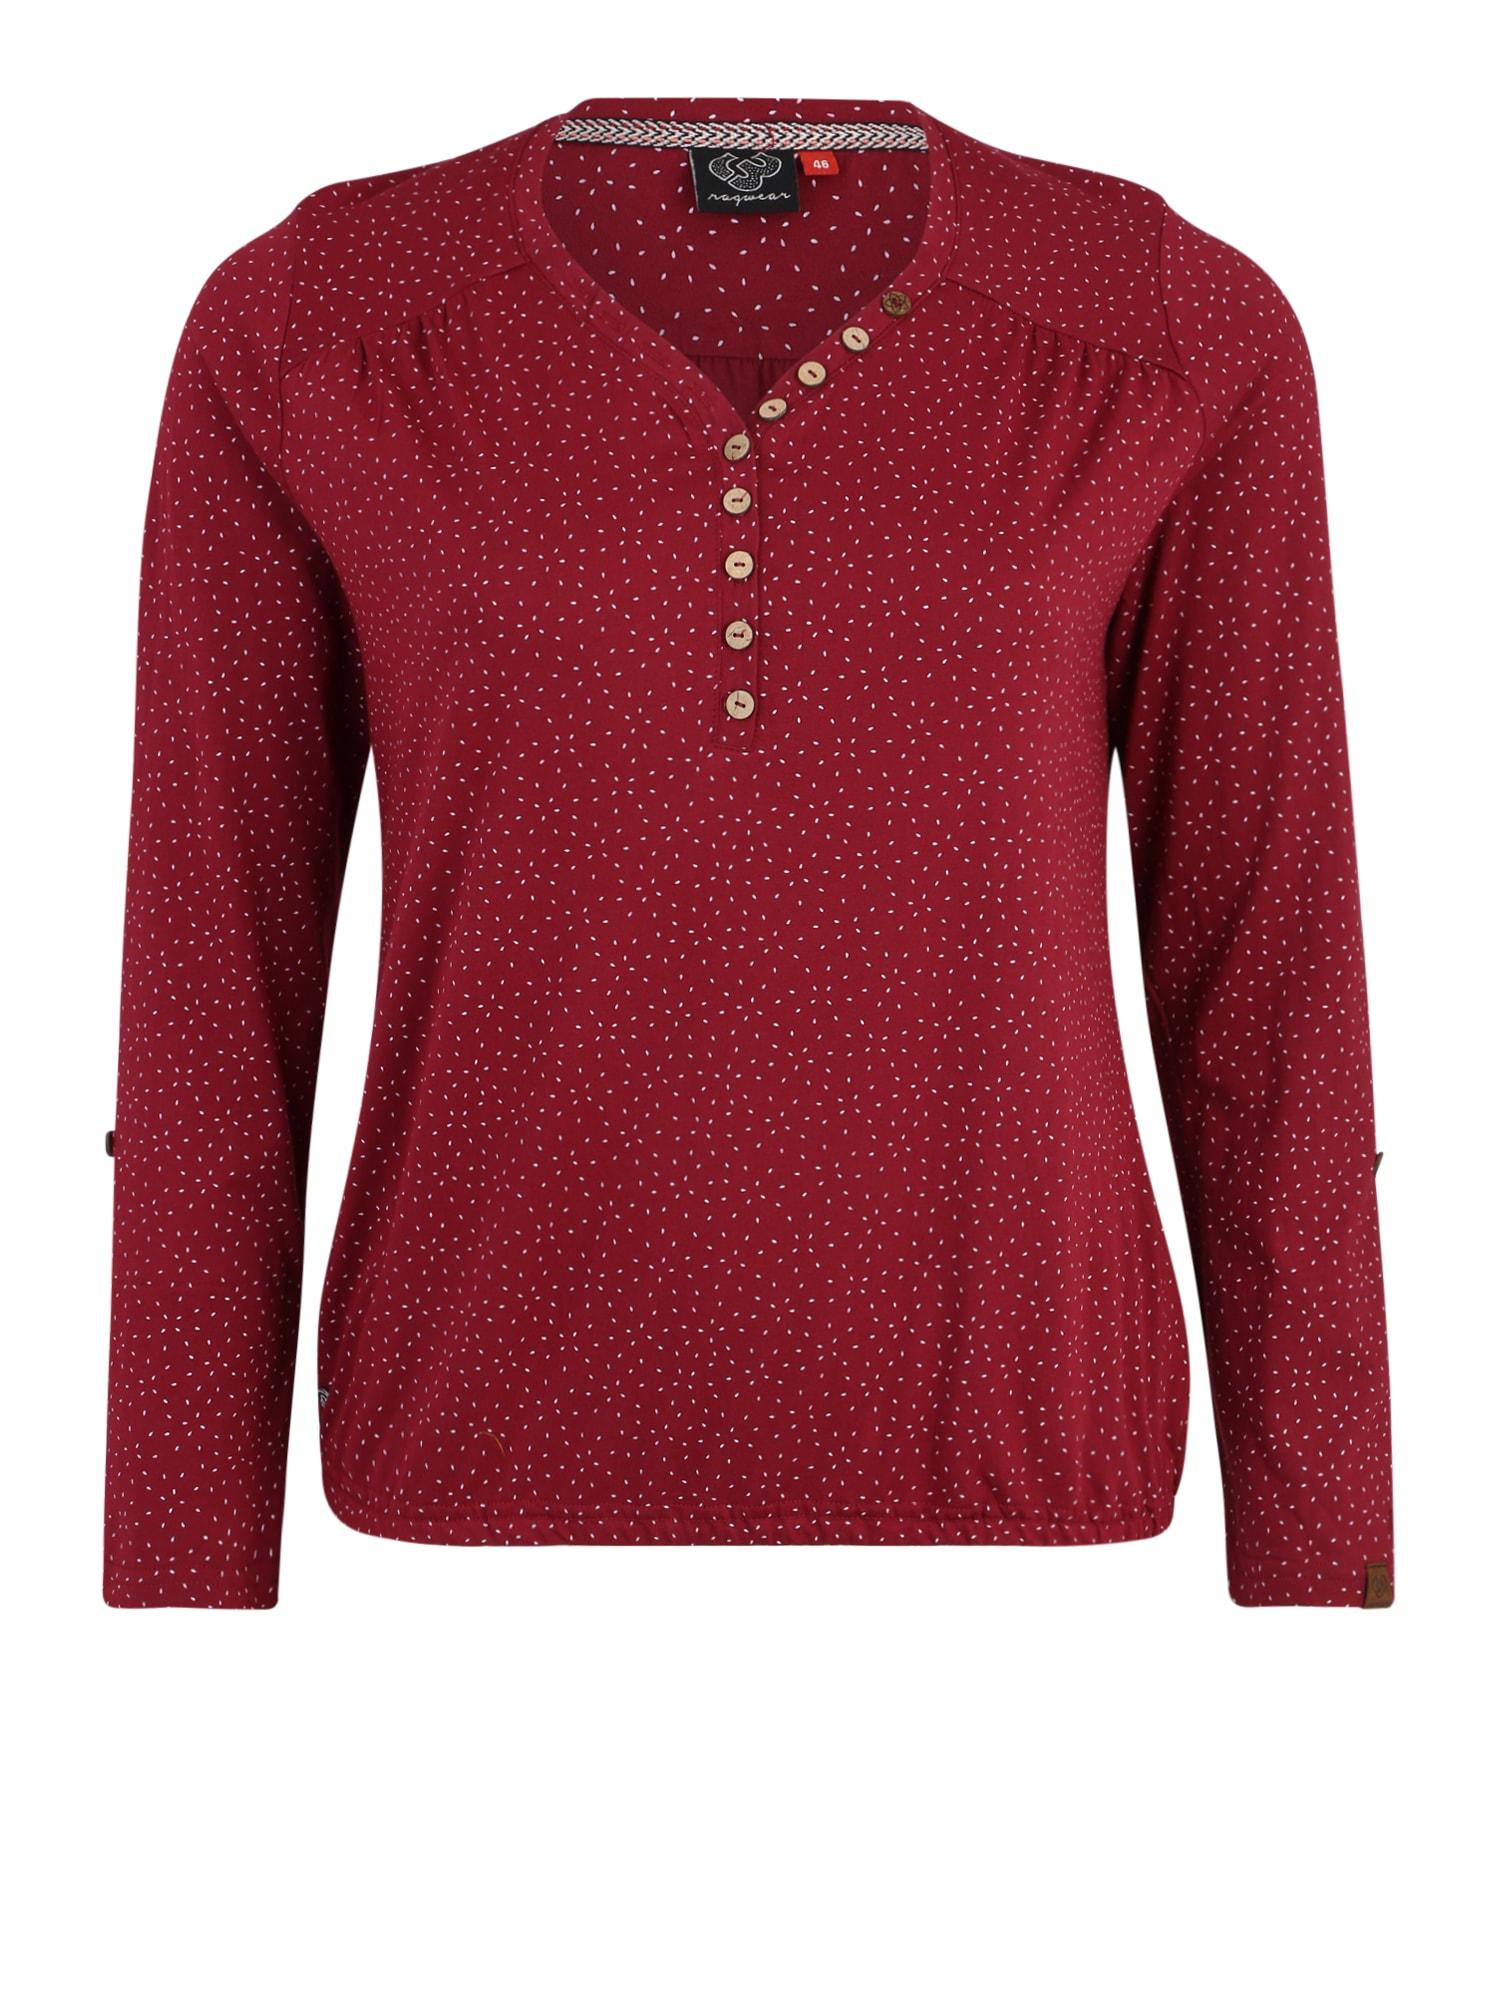 Ragwear Plus Marškinėliai 'PINCH' vyno raudona spalva